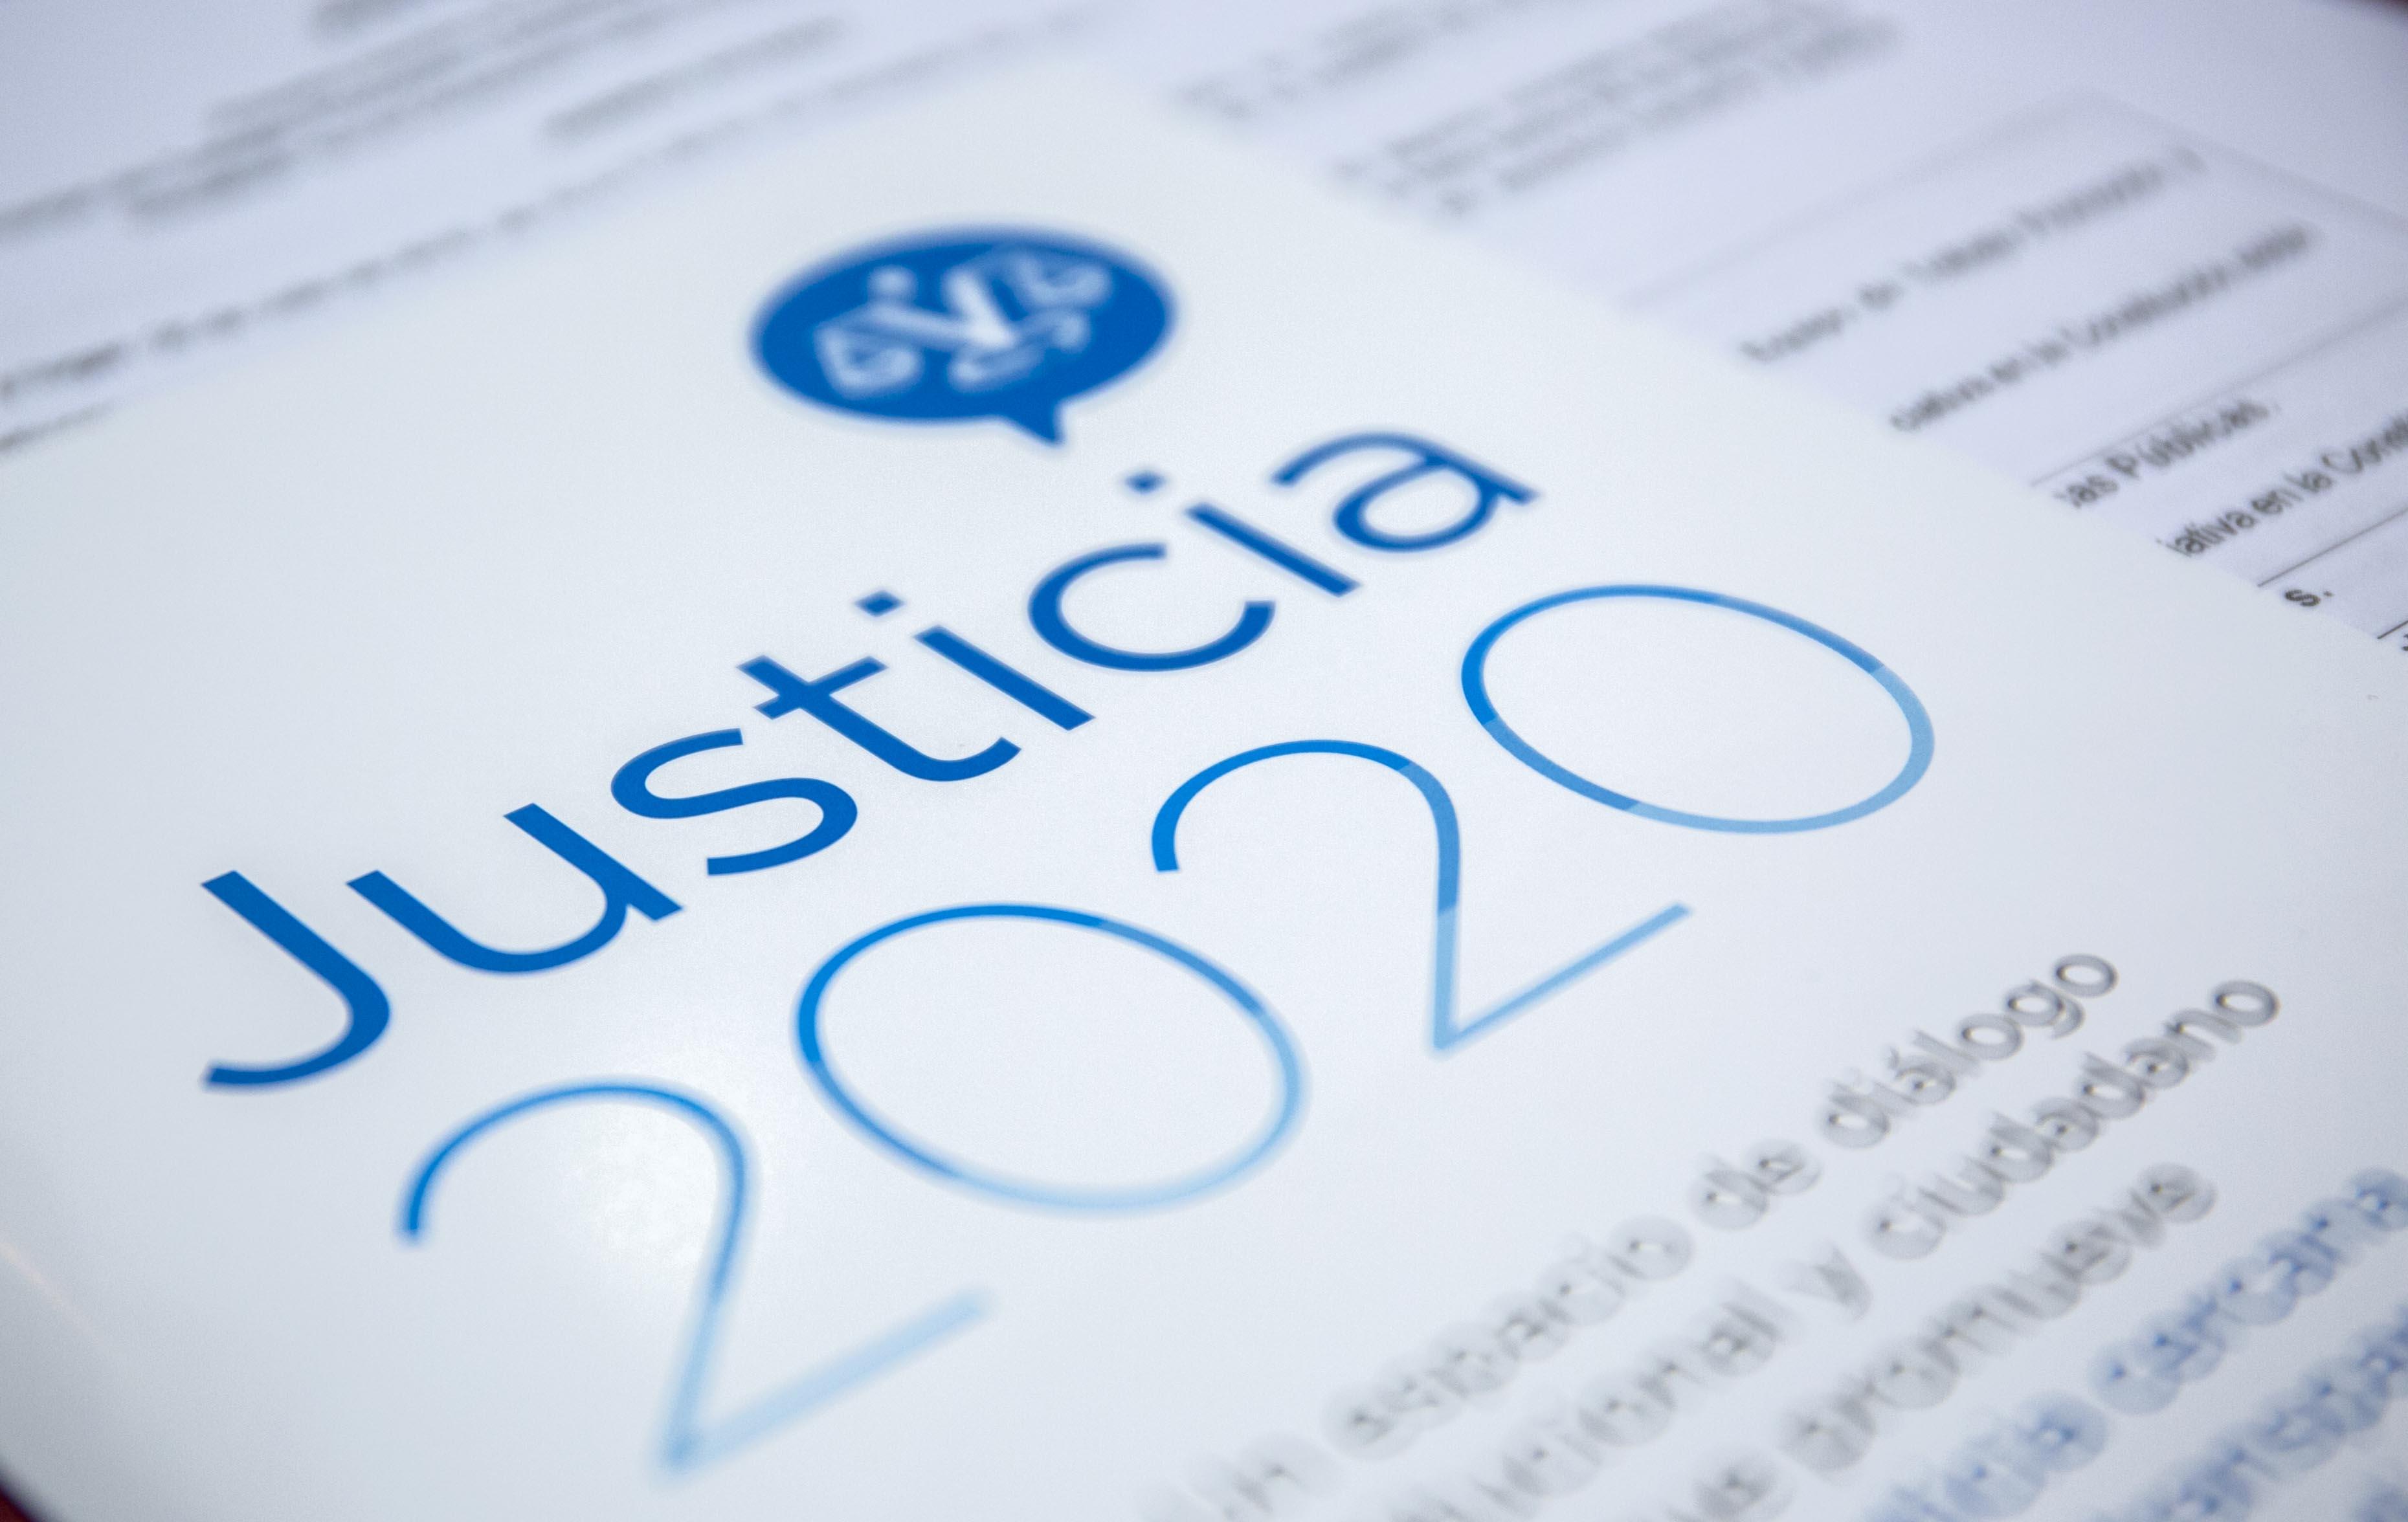 Régimen de Responsabilidad Penal Juvenil: Se podrán sumar aportes a través de la plataforma de Justicia 2020